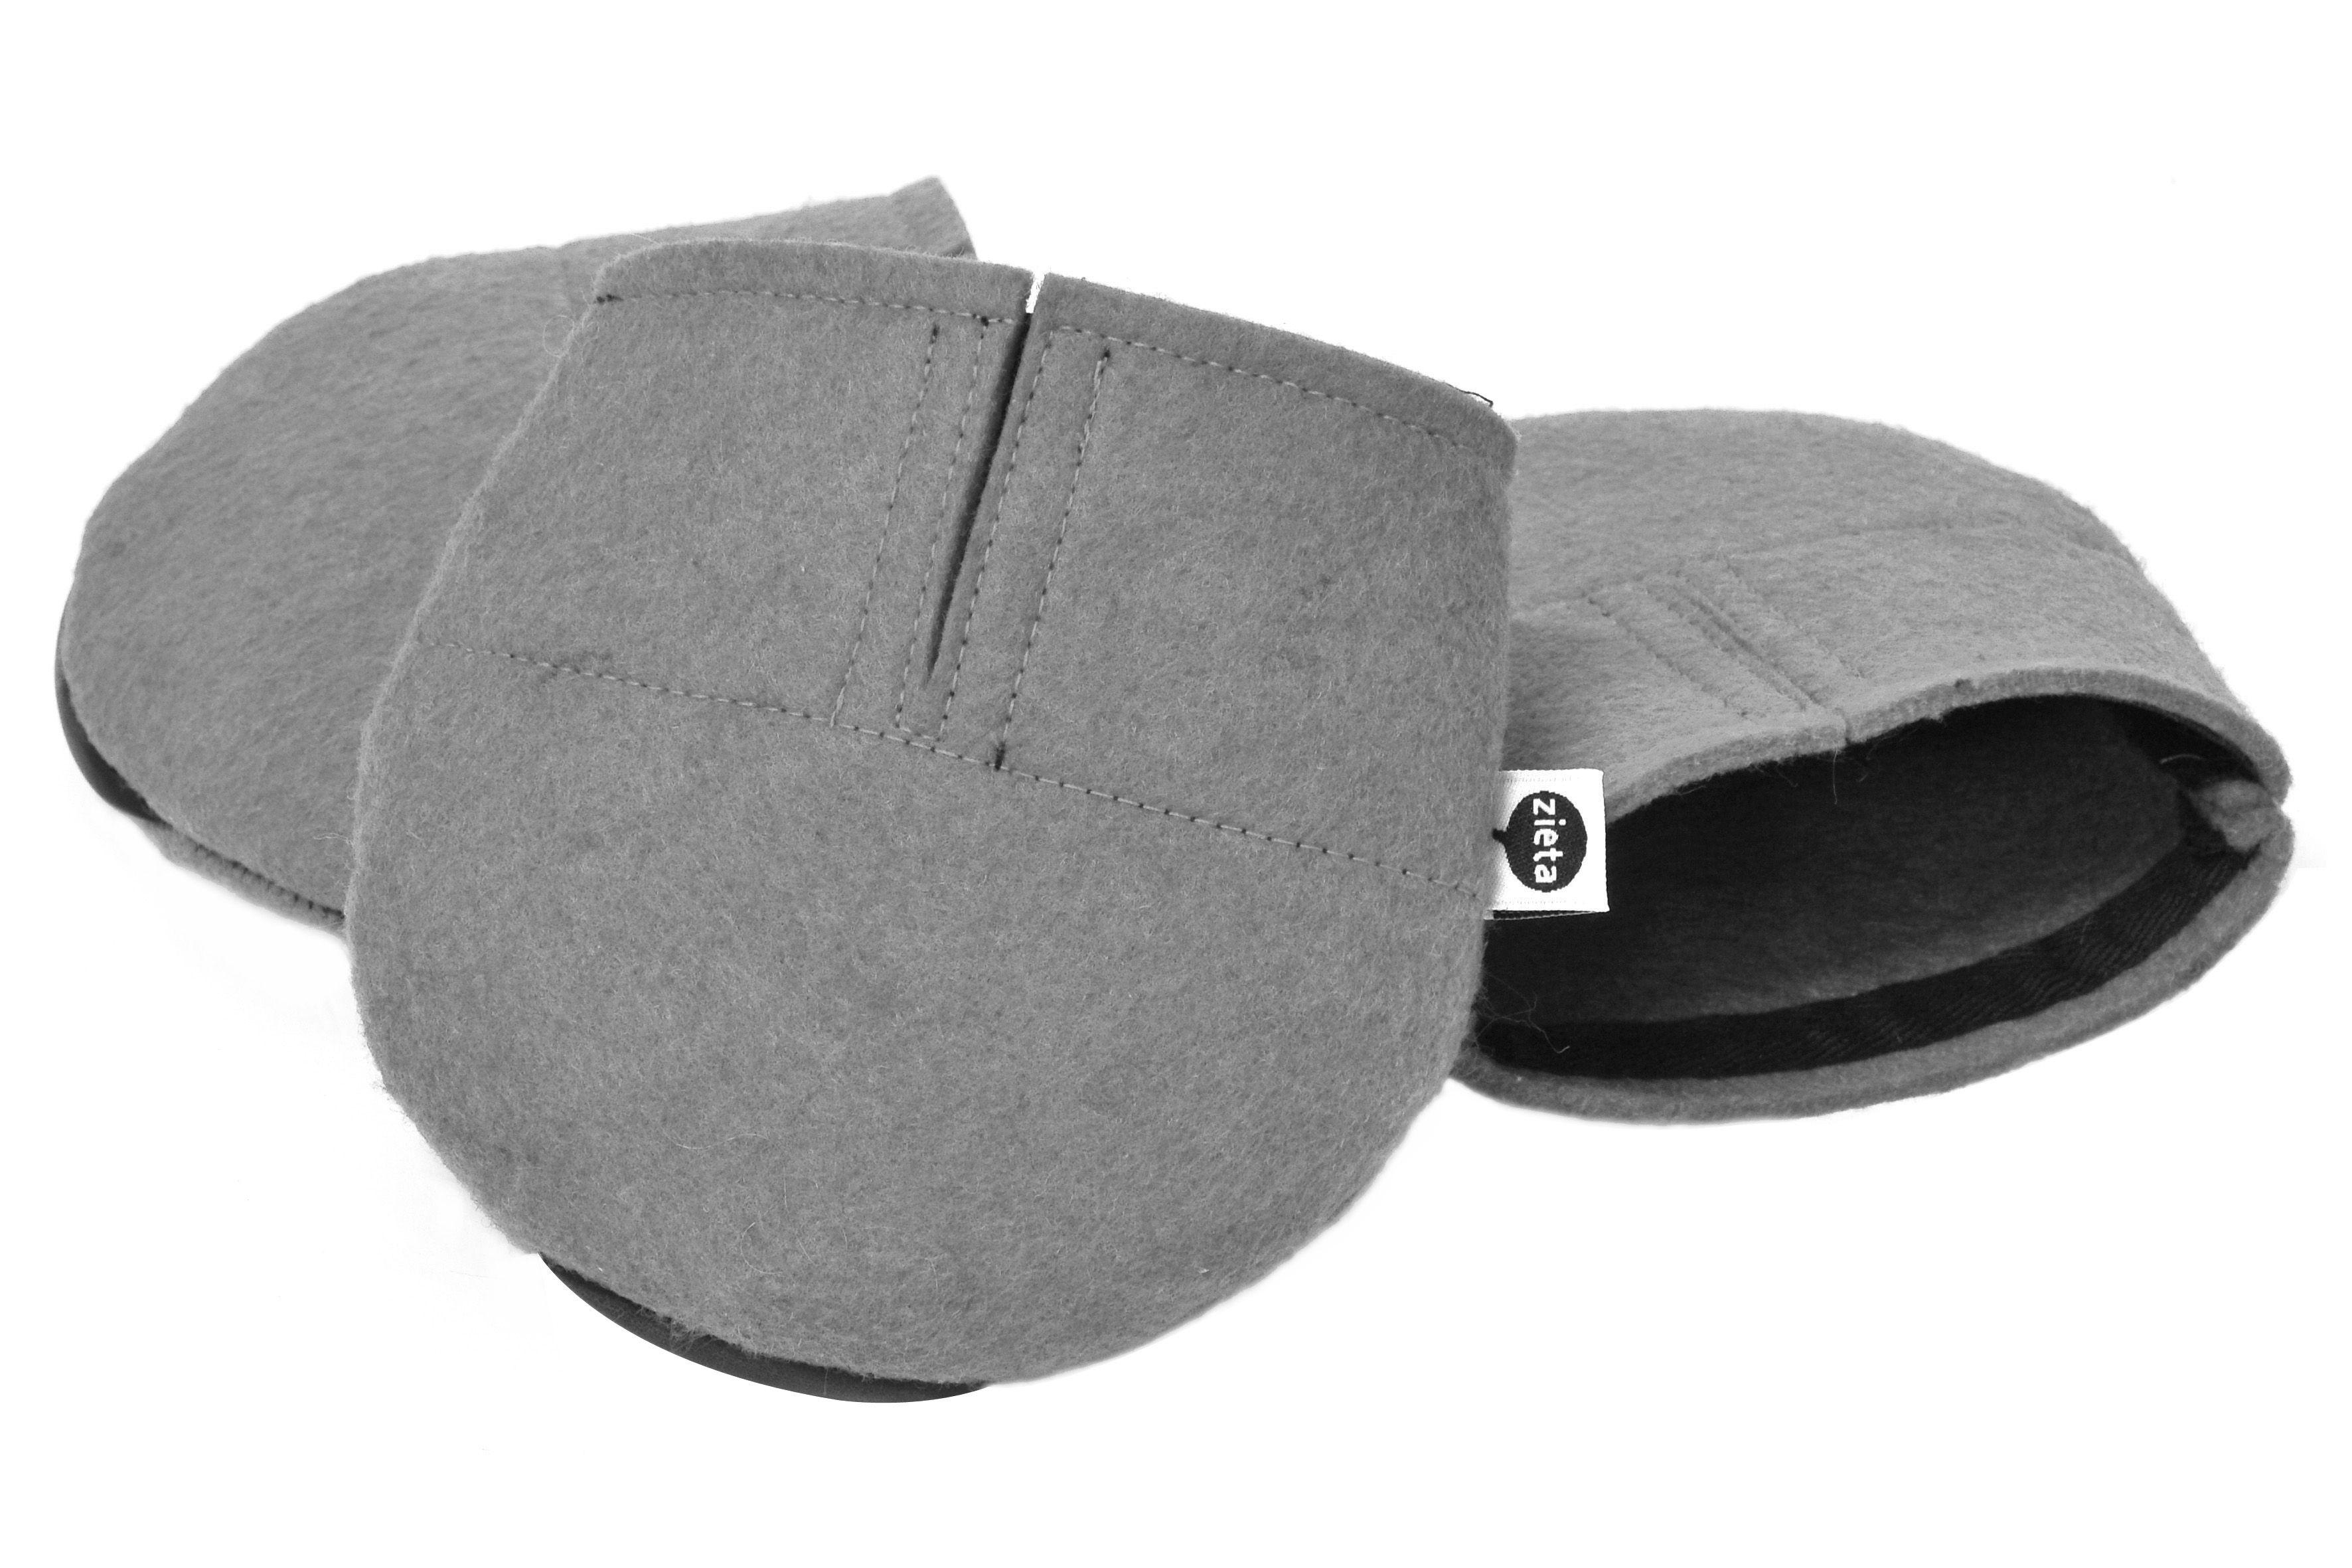 Scopri patin botki lotto da feltrini protettivi per la sedia